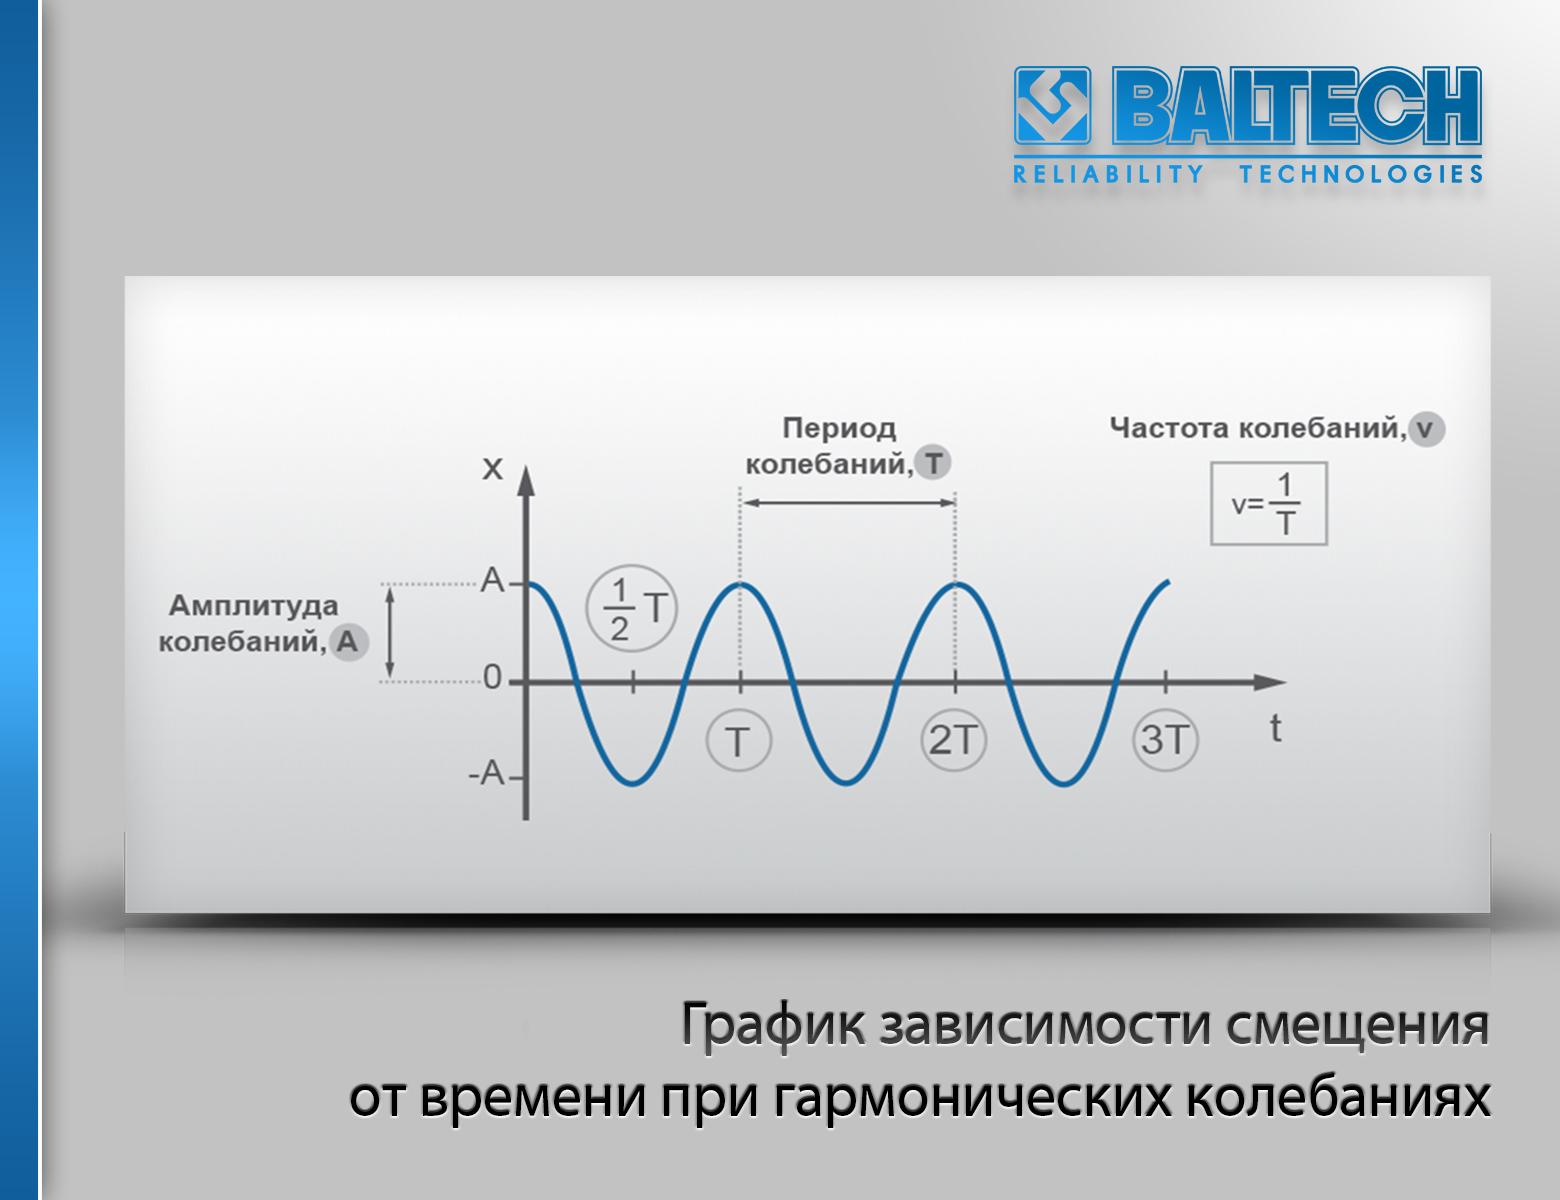 График зависимости виброперемещения от времени, измерение параметров вибрации, параметры вибрации, измерение виброперемещения